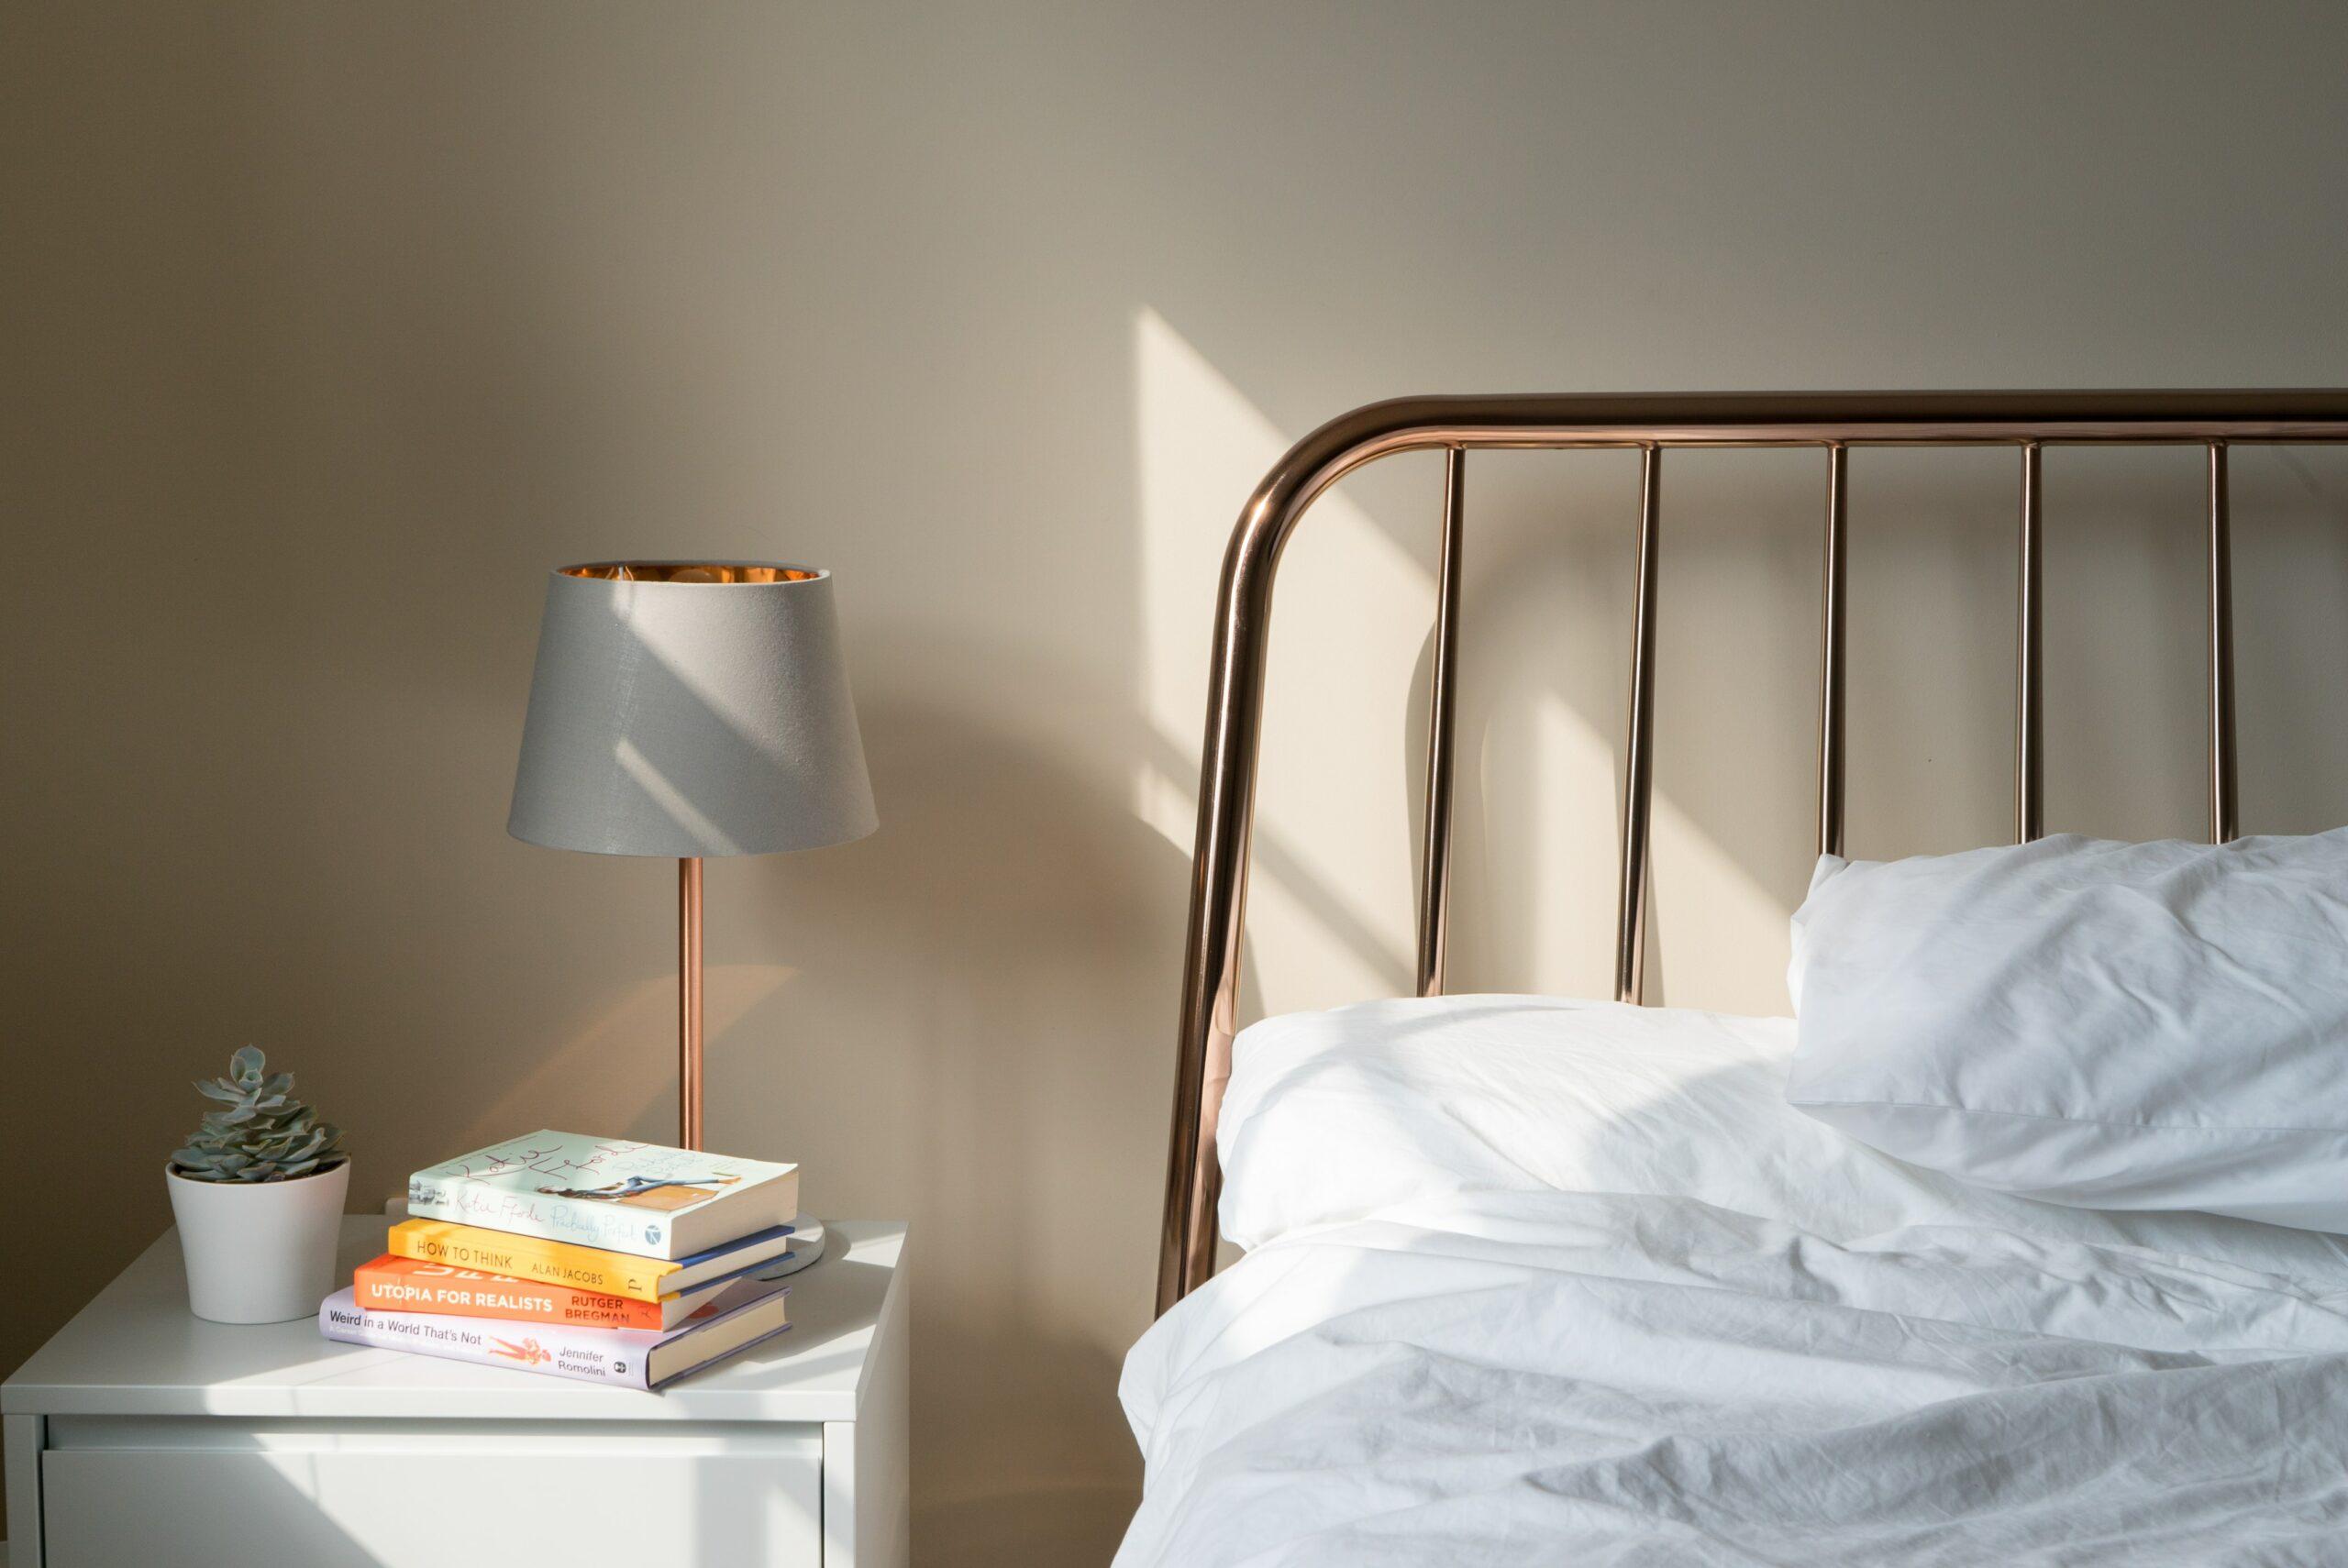 Los mejores cuidados para proteger el colchón